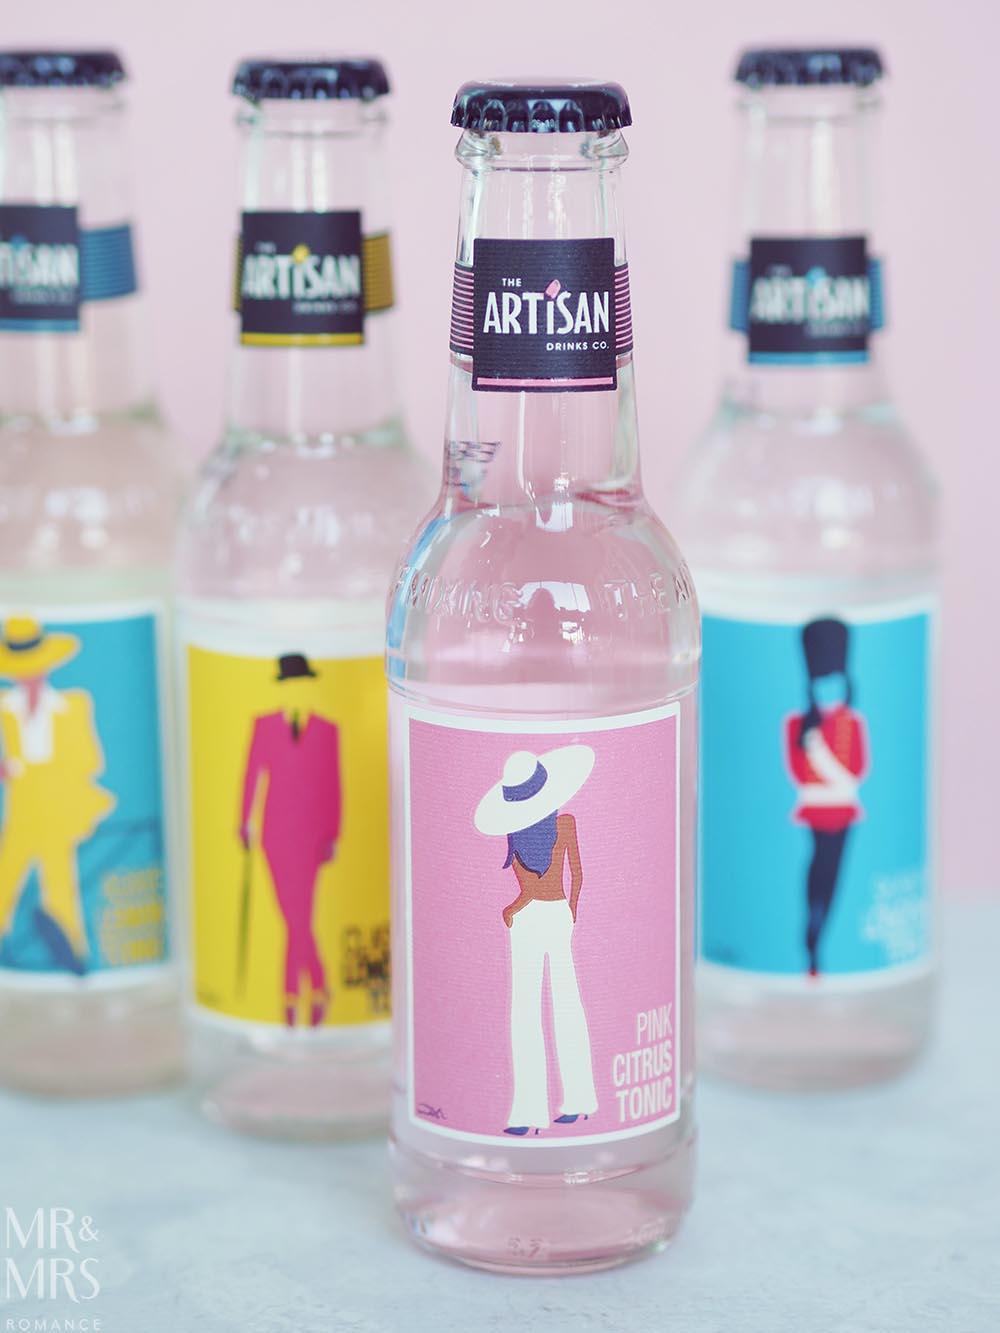 Artisan Drinks Co tonic water